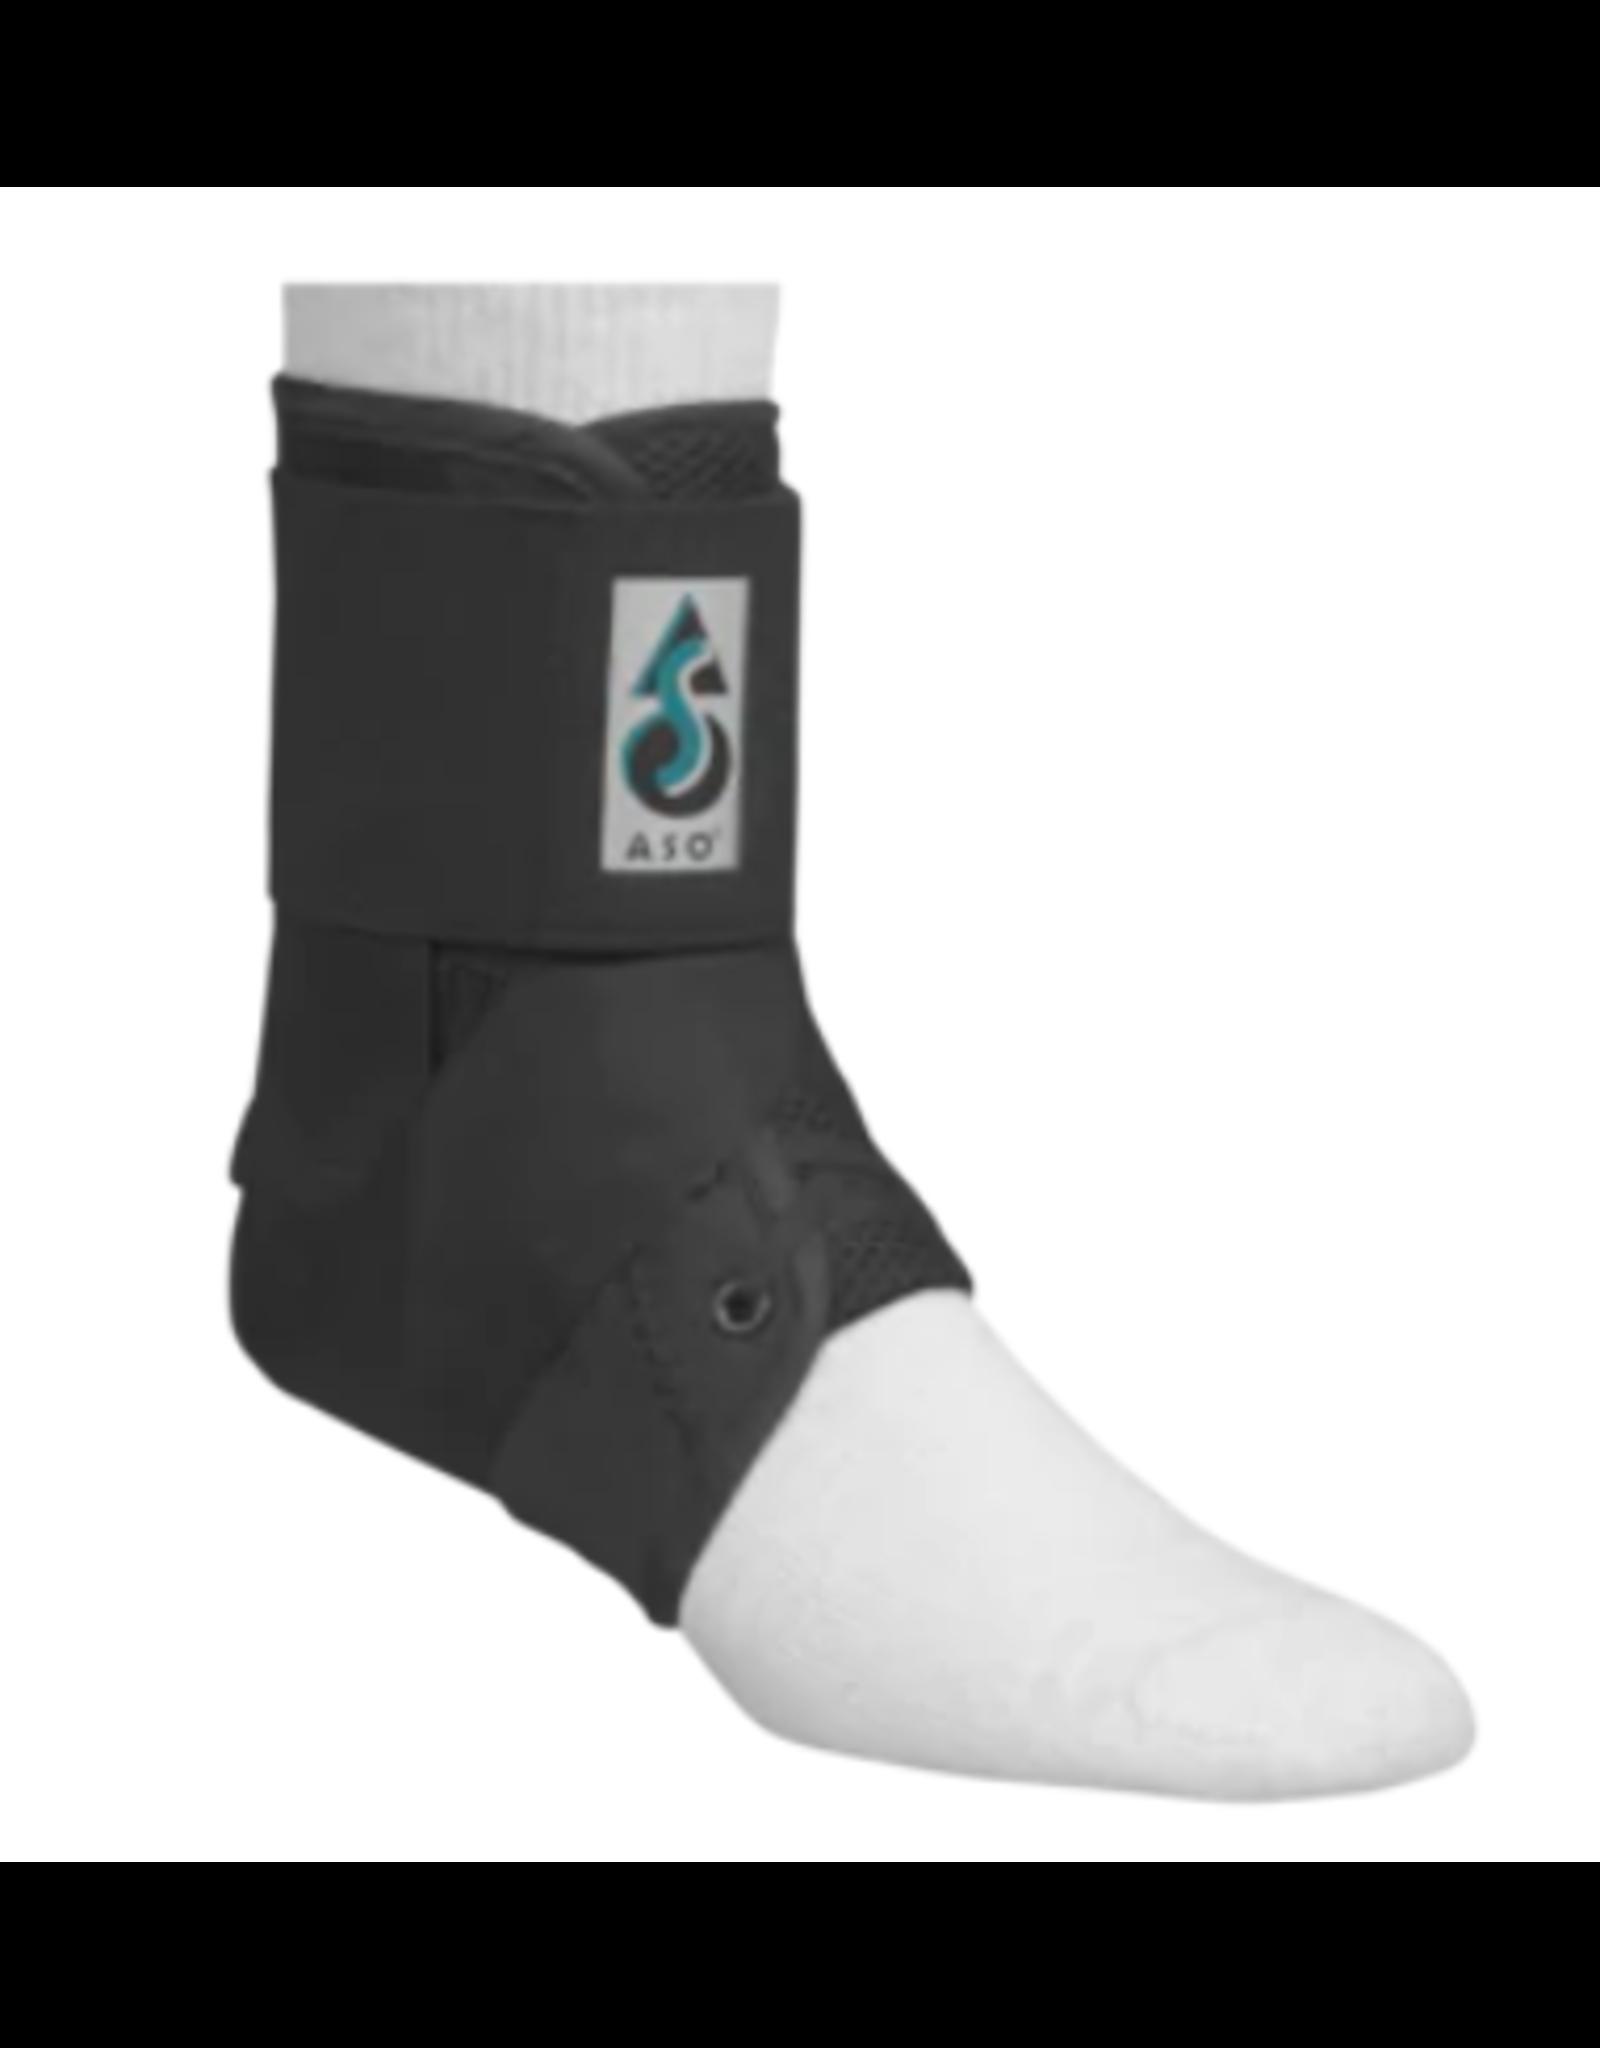 NON-UNIFORM Athlete Ankle Stabilizer